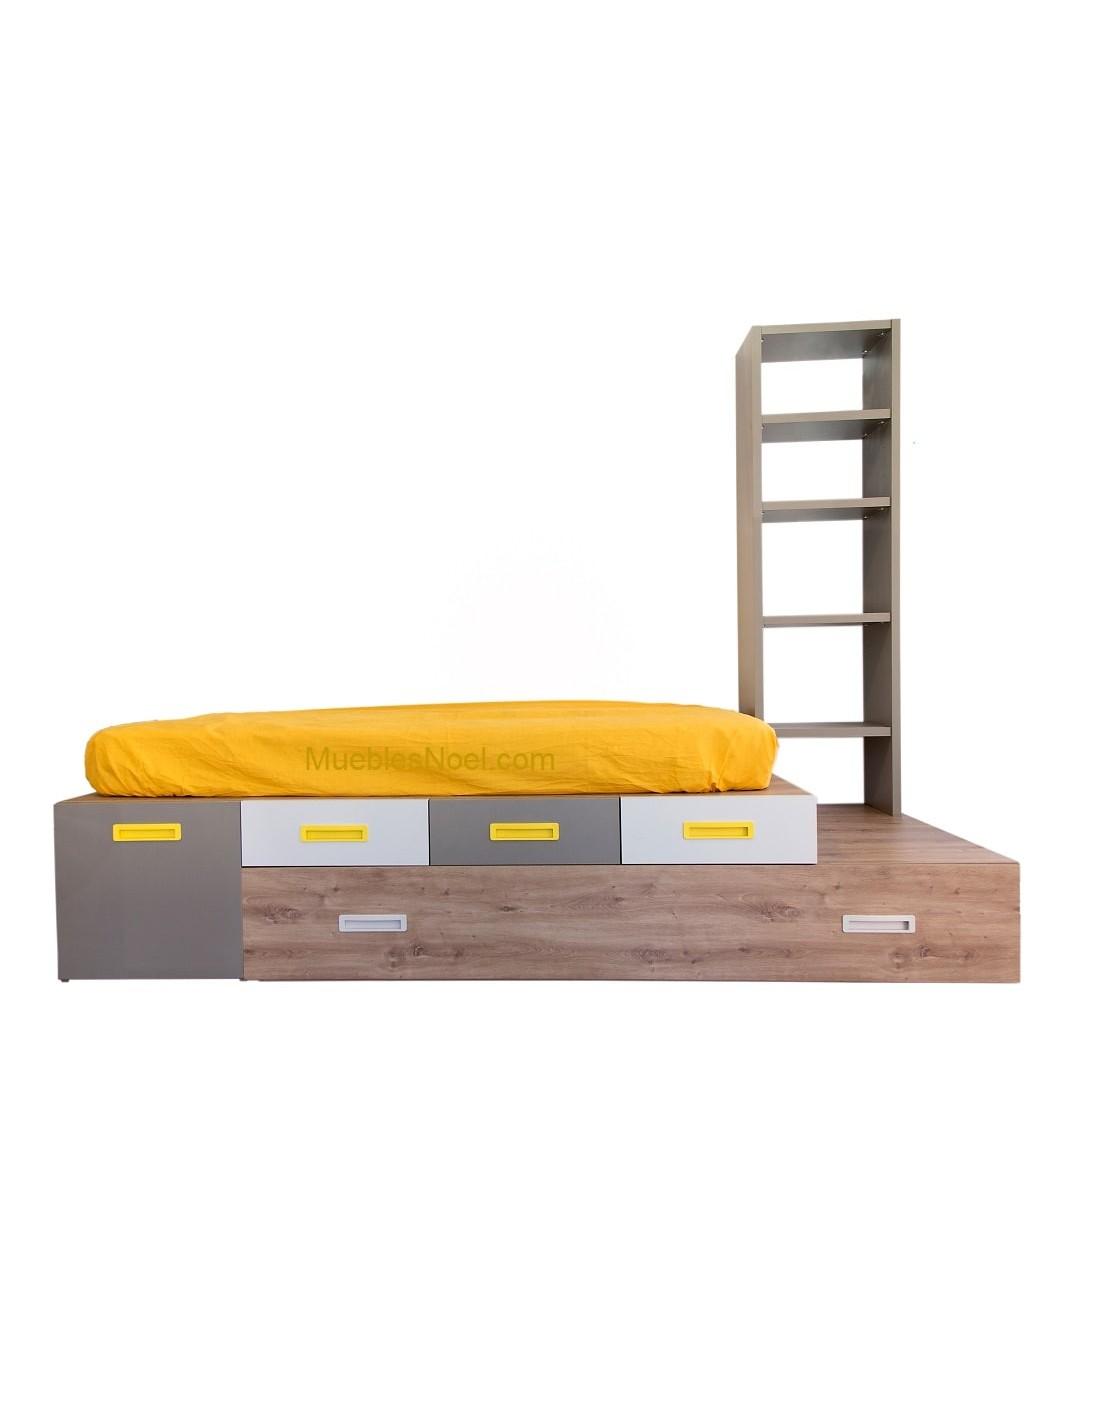 Dormitorio juvenil con cama nido con cajón tipo tatami modelo Follow cajones y librería.